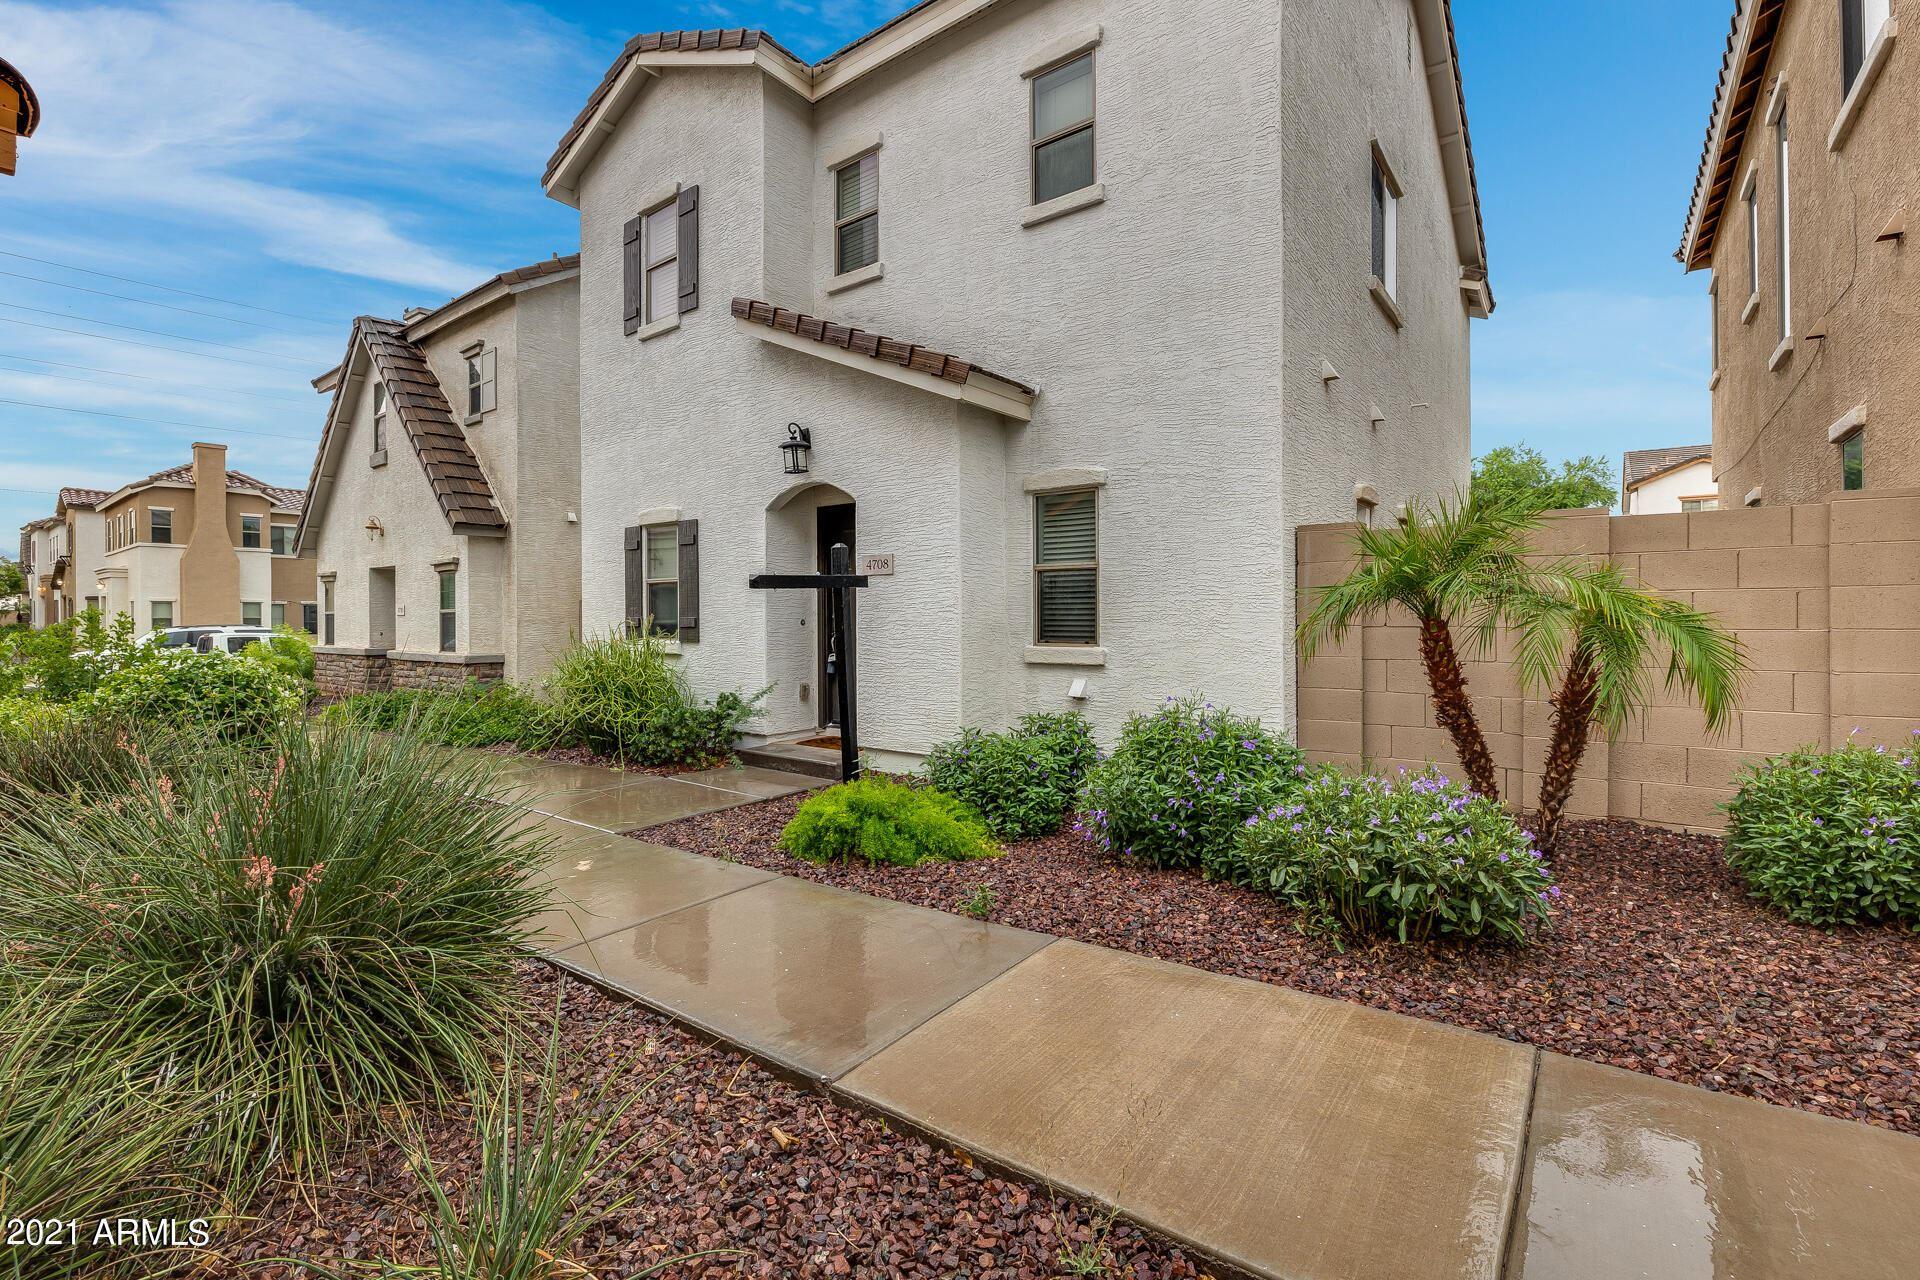 Photo of 4708 E OLNEY Avenue, Gilbert, AZ 85234 (MLS # 6268318)